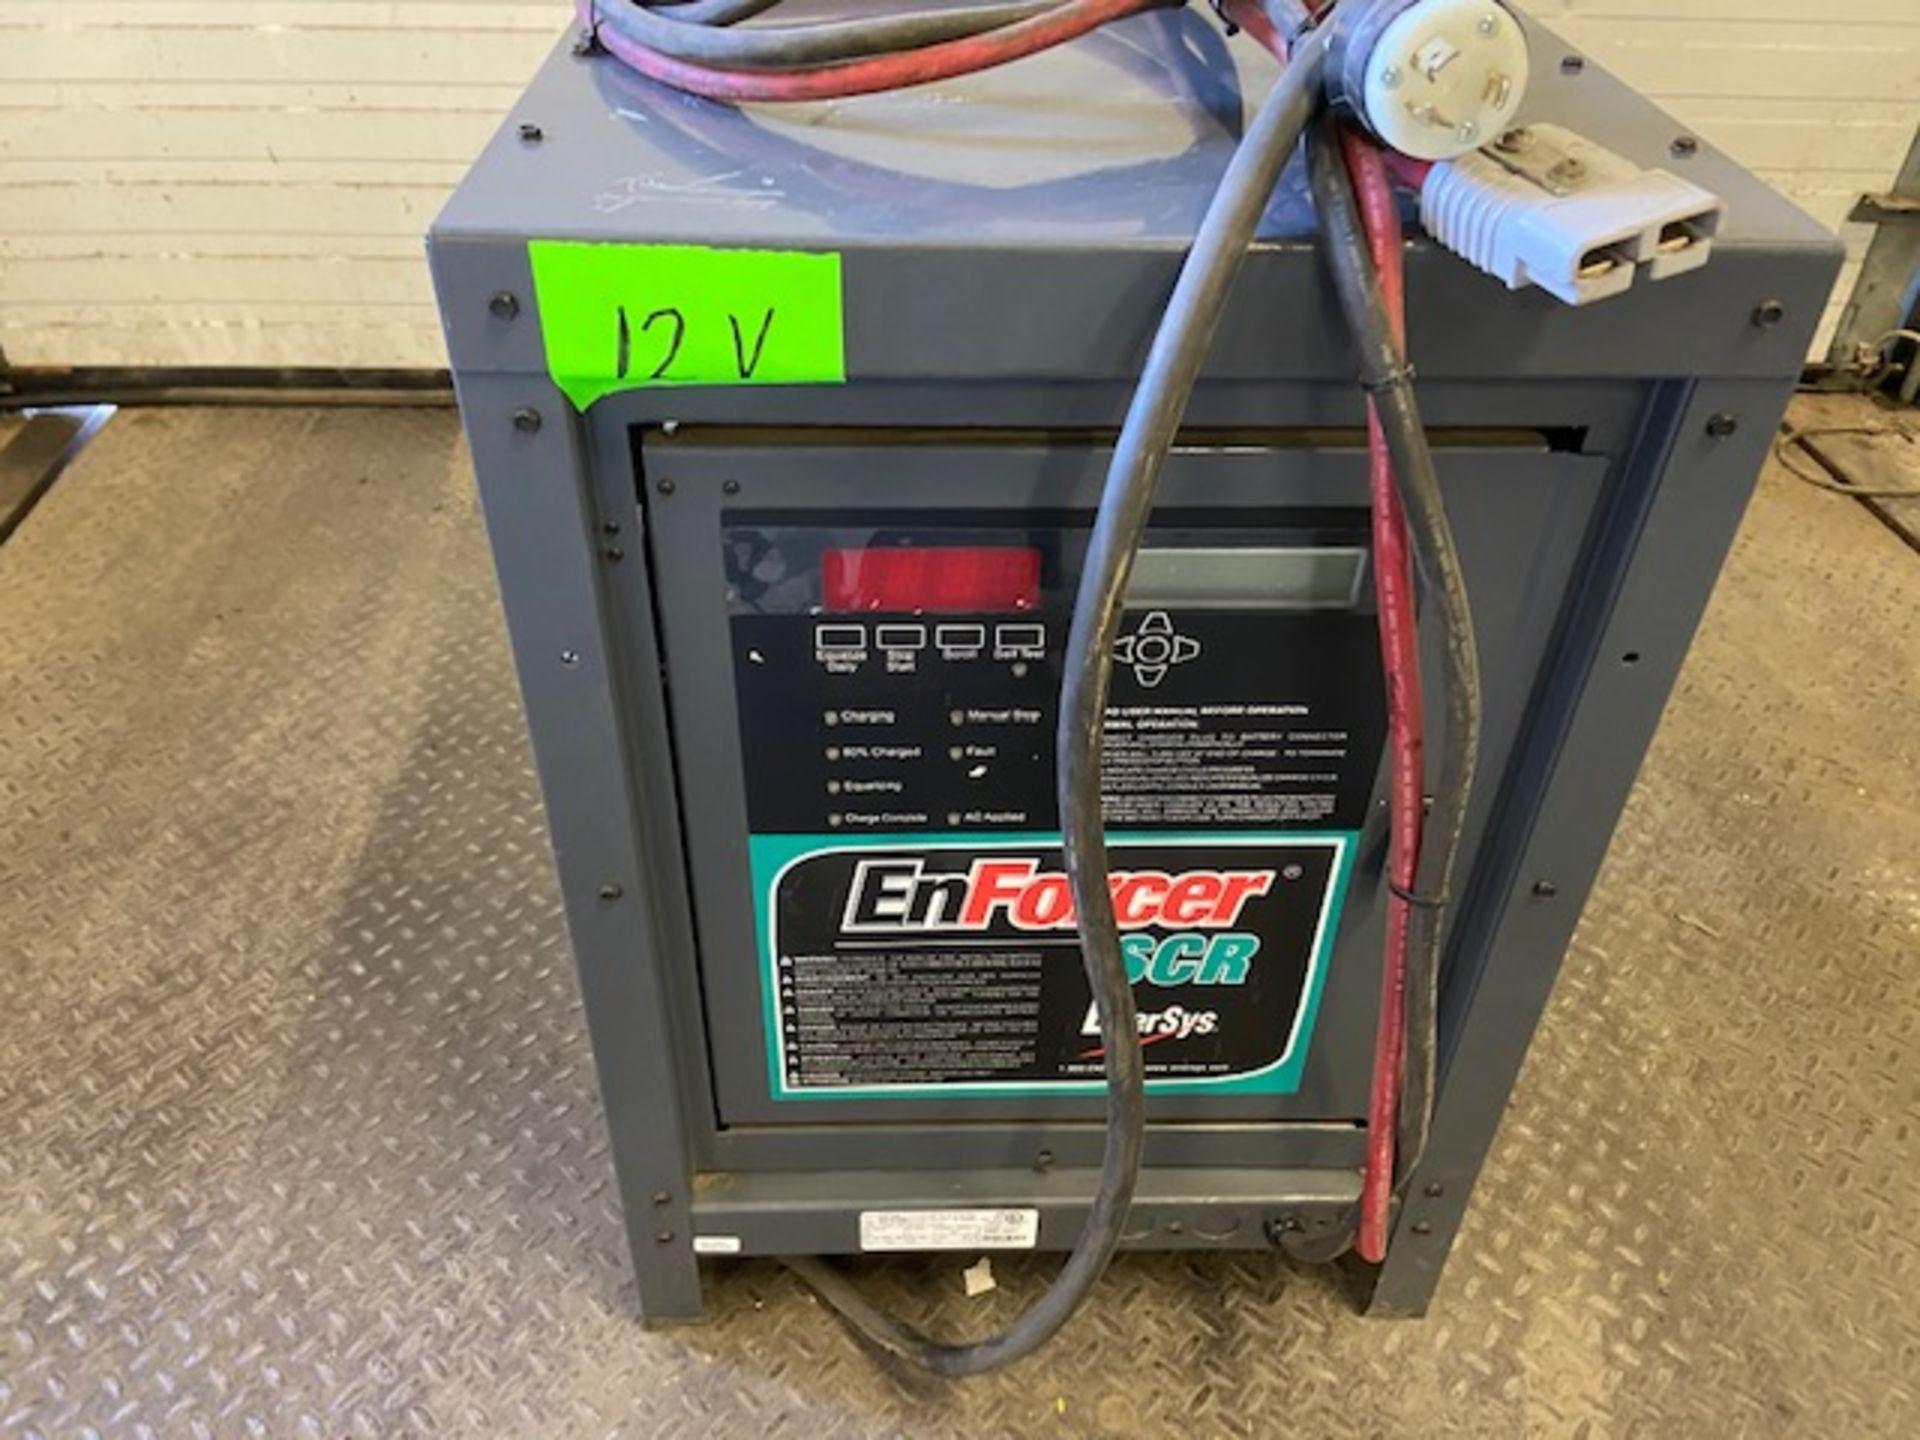 Enforcer Enersys battery charger model ES1-6-5508